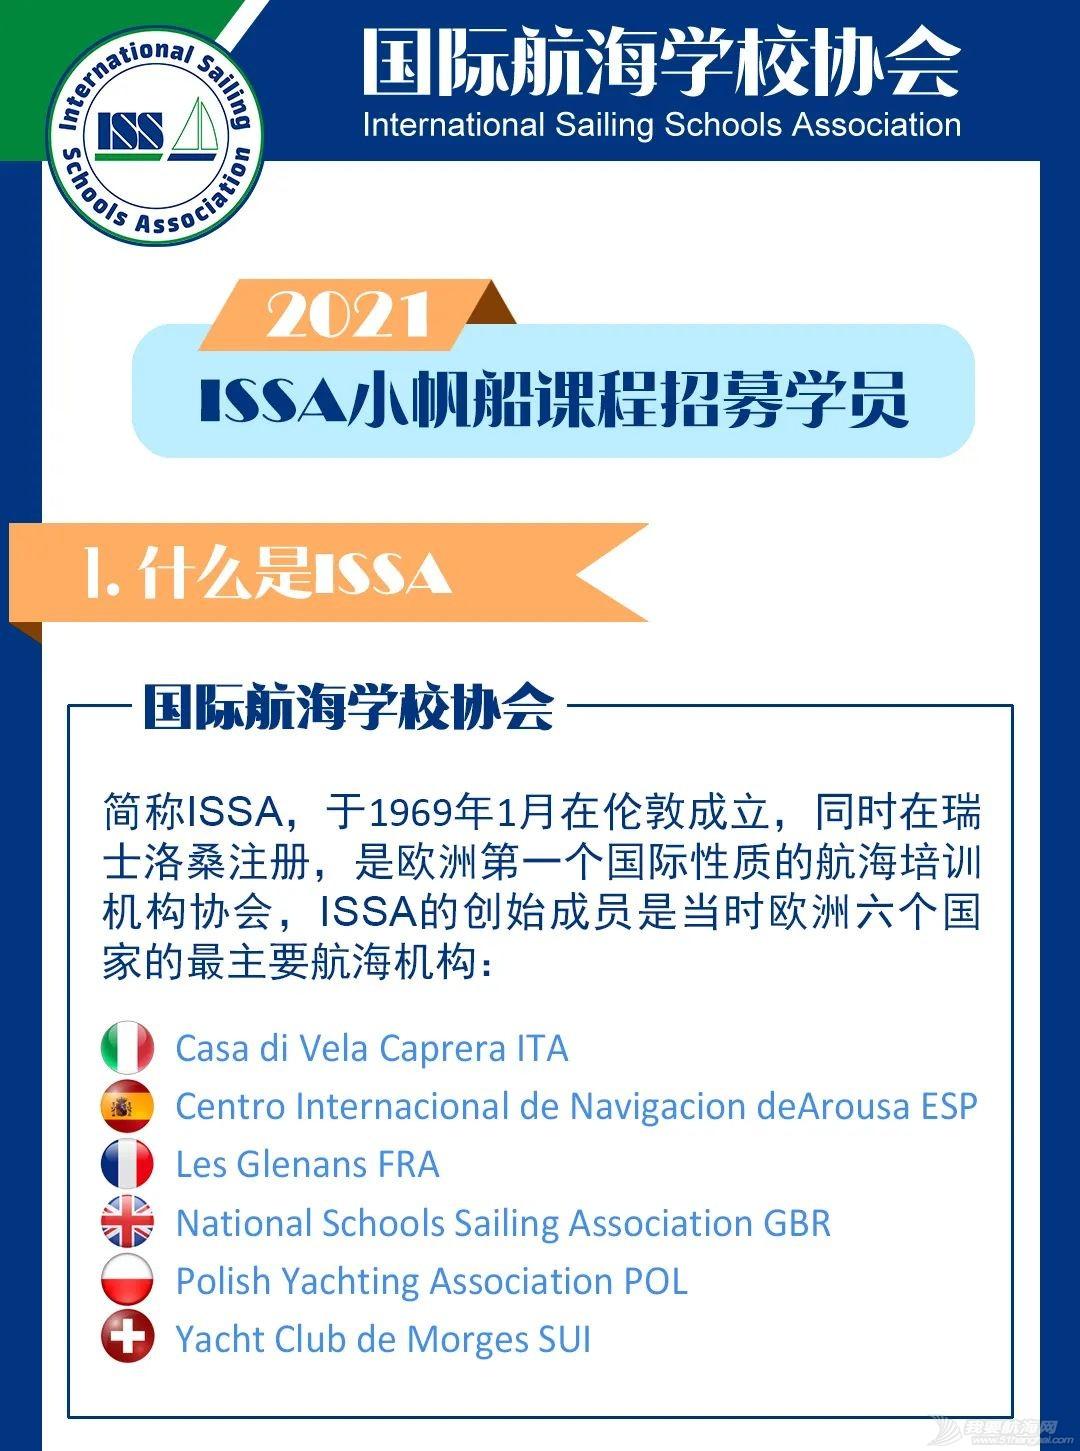 【ISSA小帆船课程】学员招募2021w1.jpg